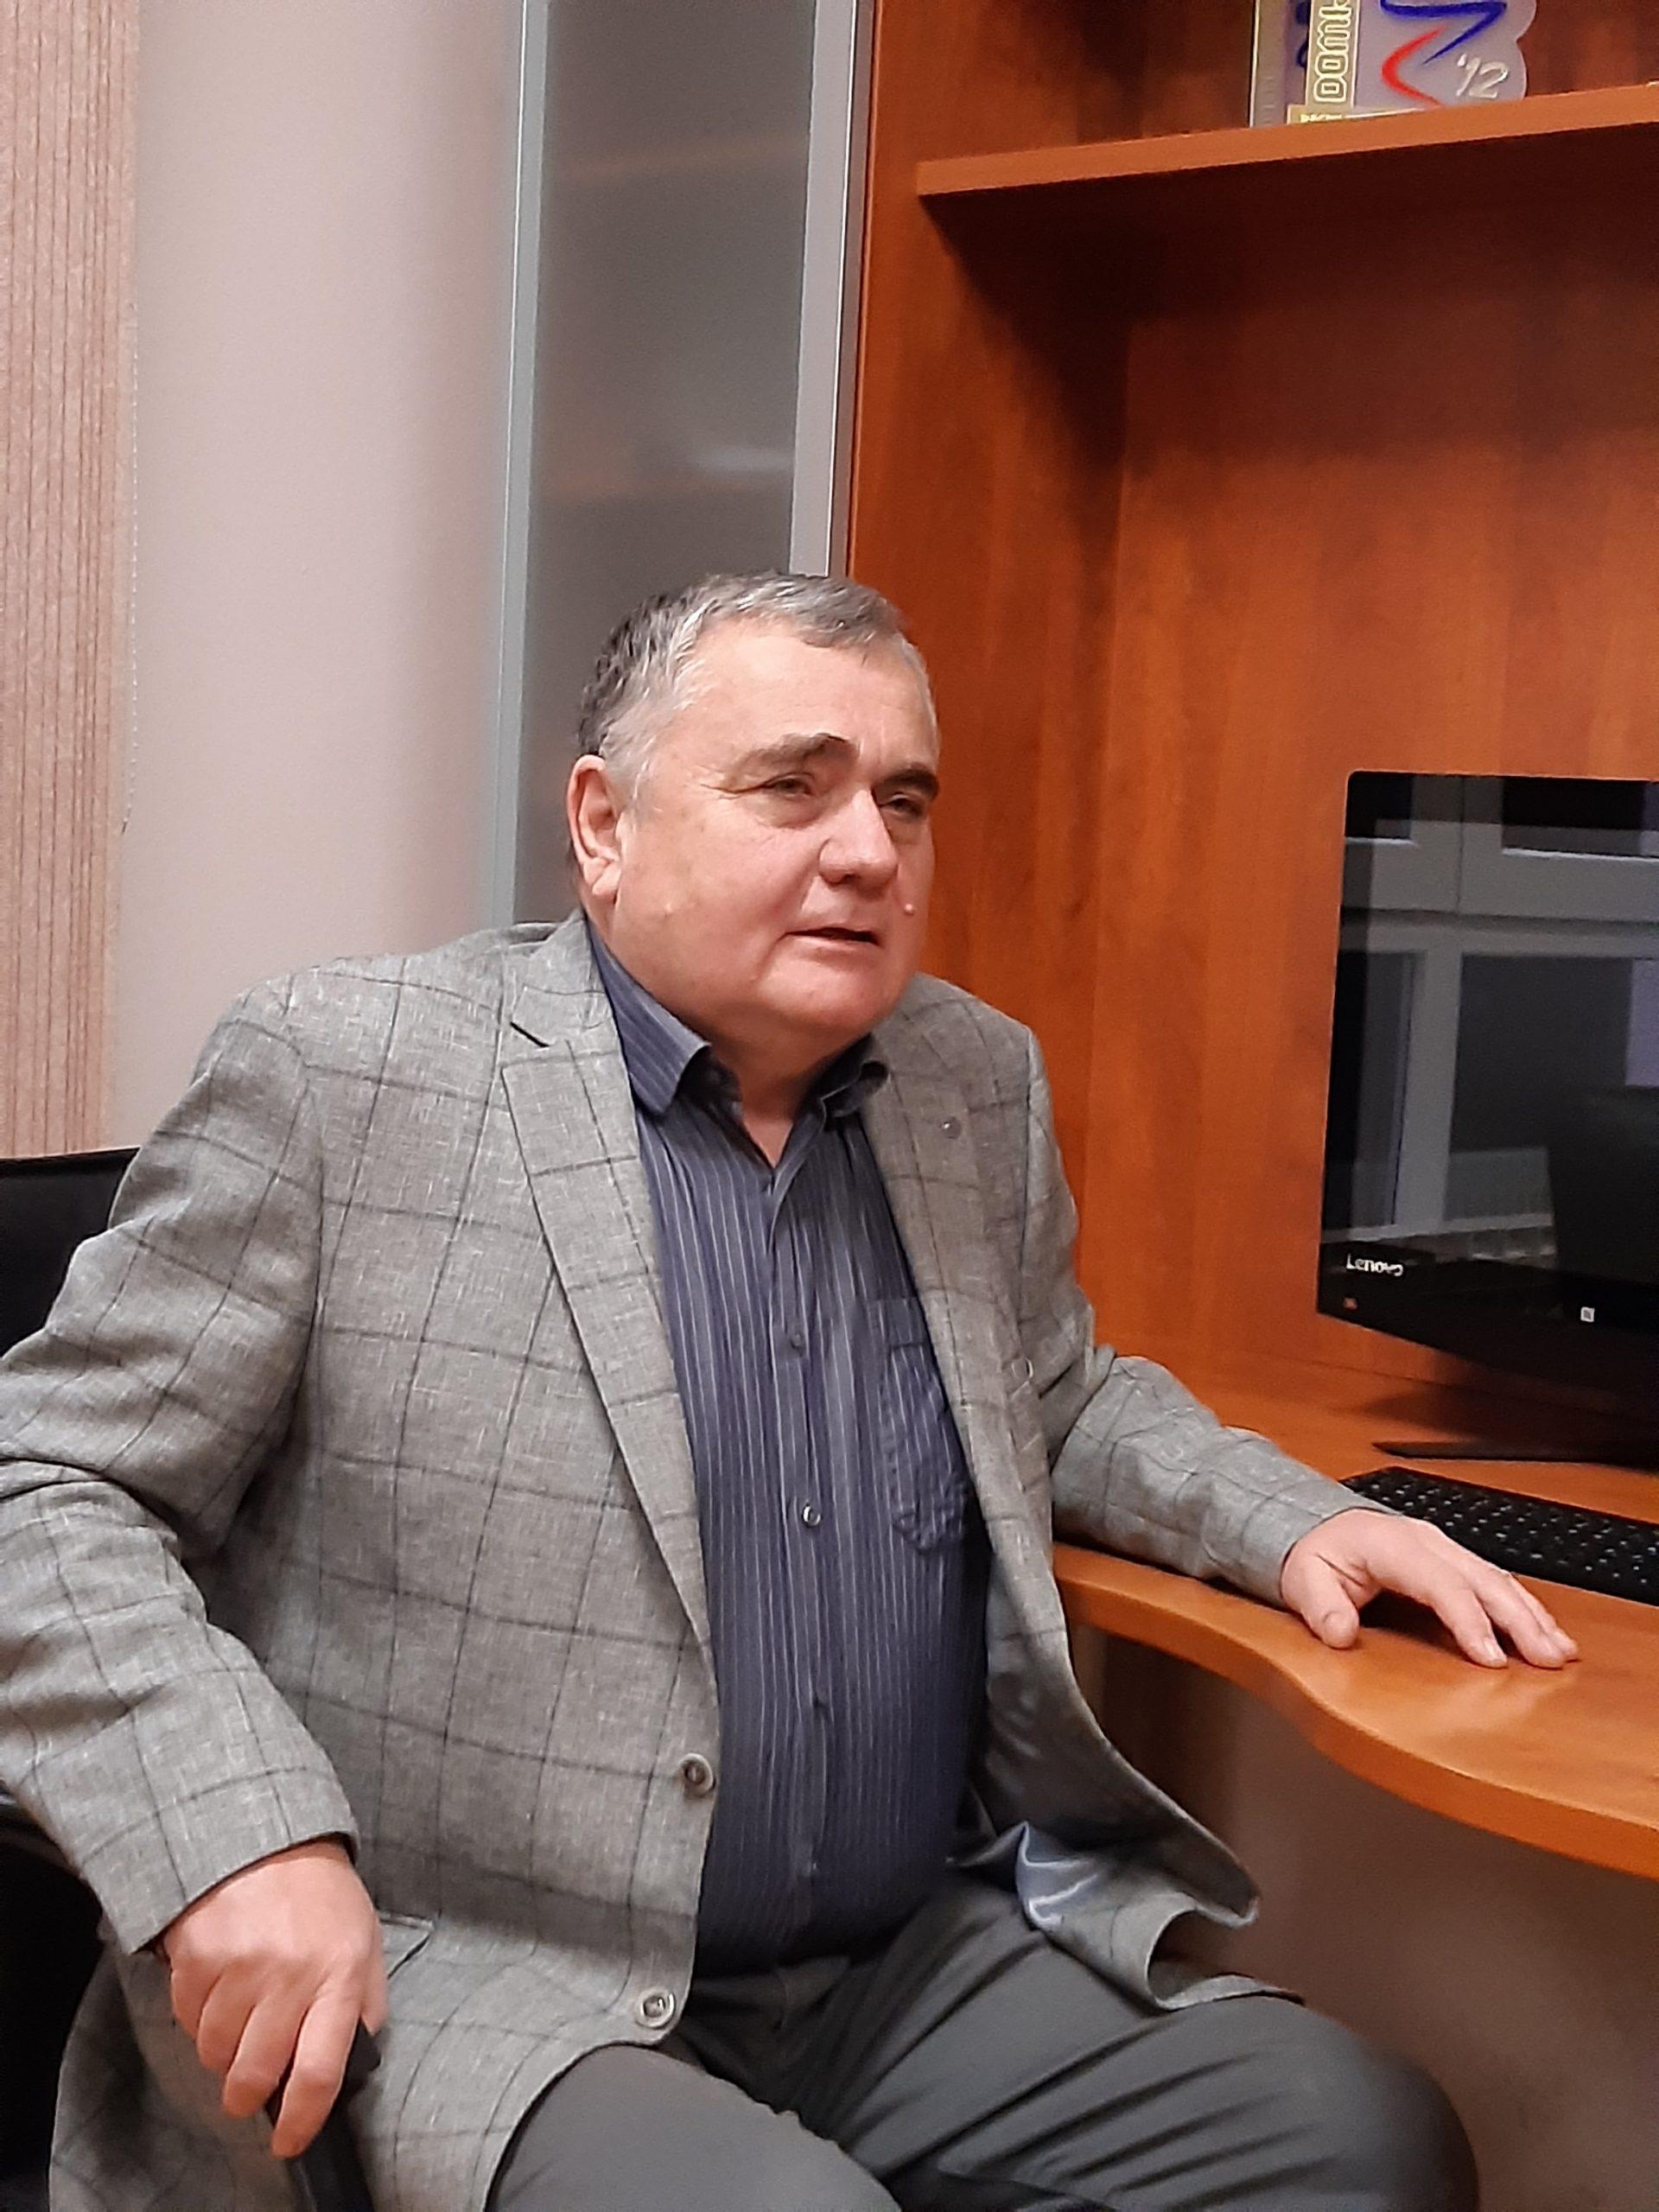 Nikola Horvatic scaled